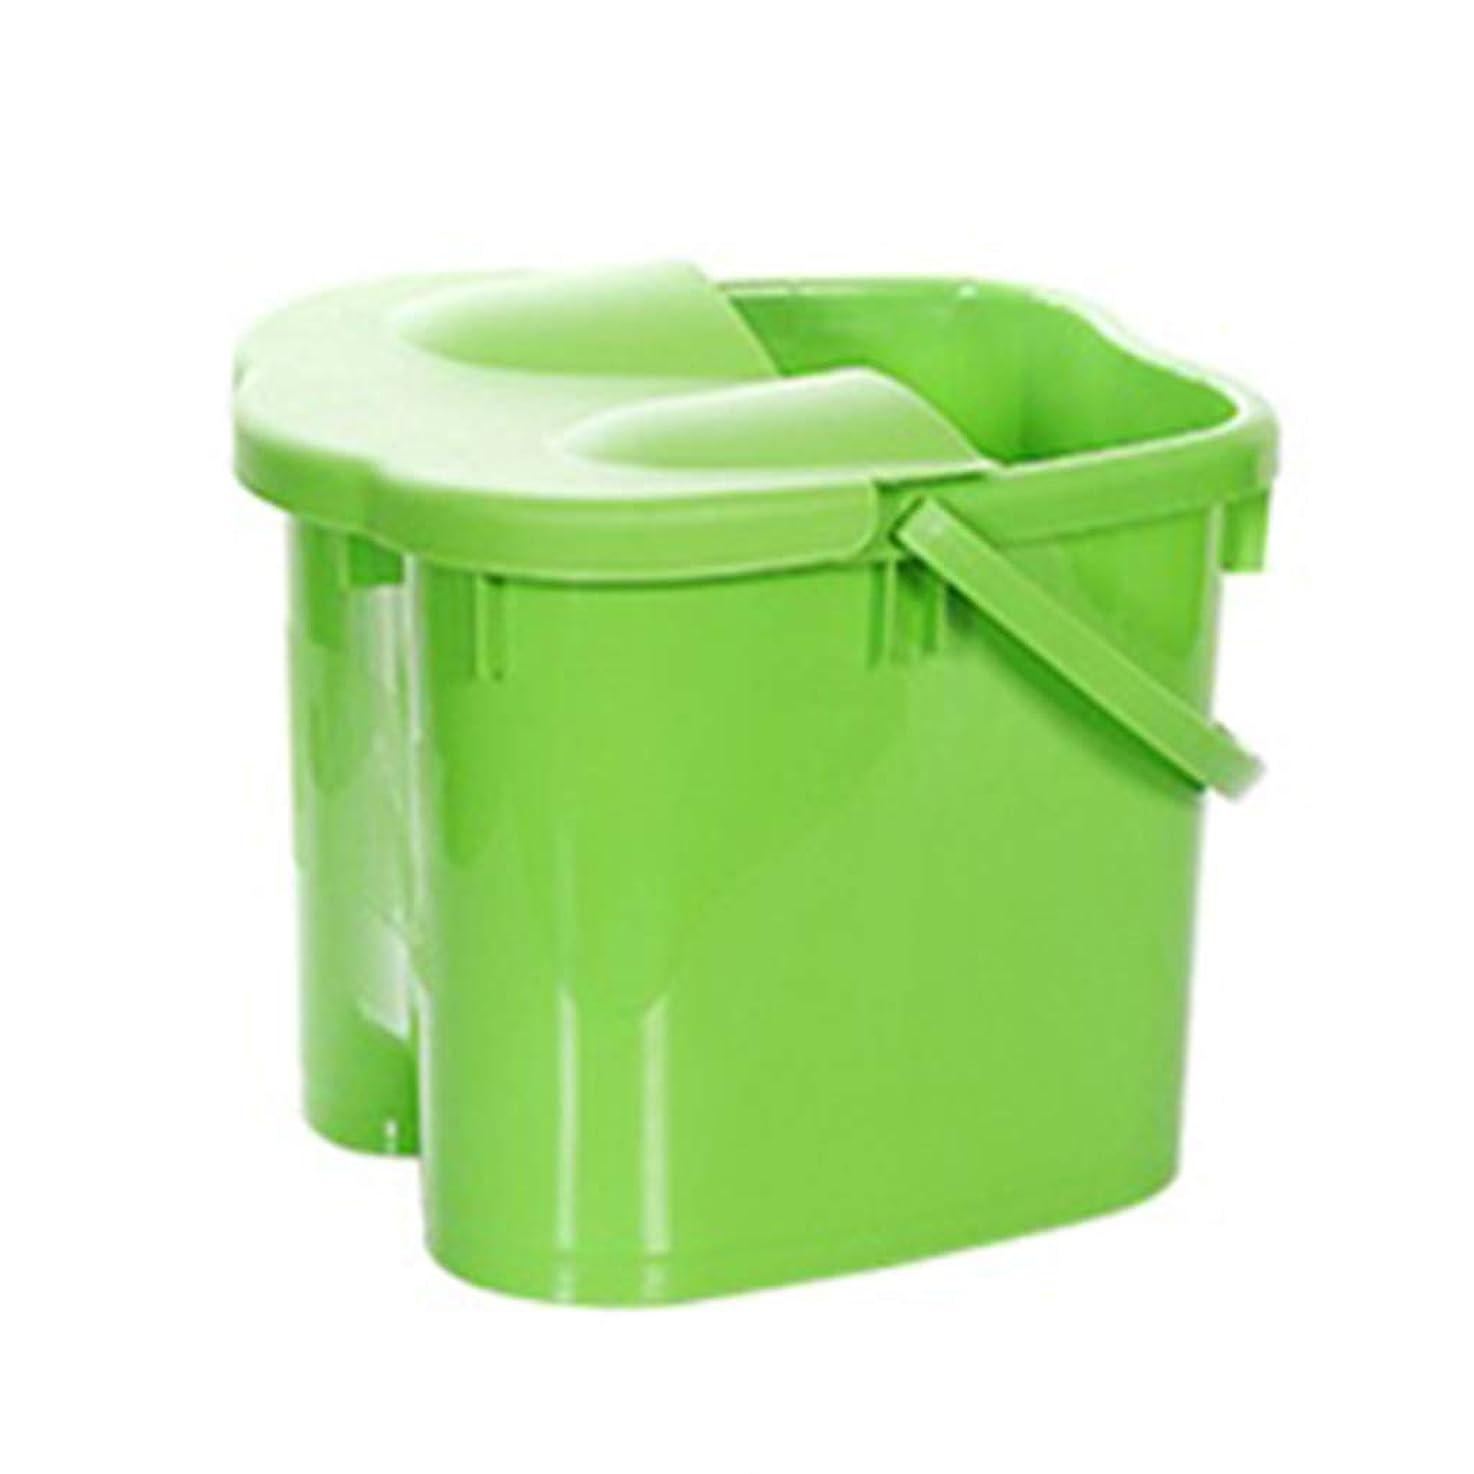 クリスマス比喩中世のフットバスバレル- 高さフットバスバレルマッサージ浴槽ふた付きポータブル世帯大人の足洗面台ペディキュアデトックス Relax foot (色 : Green, サイズ さいず : Height 38cm)